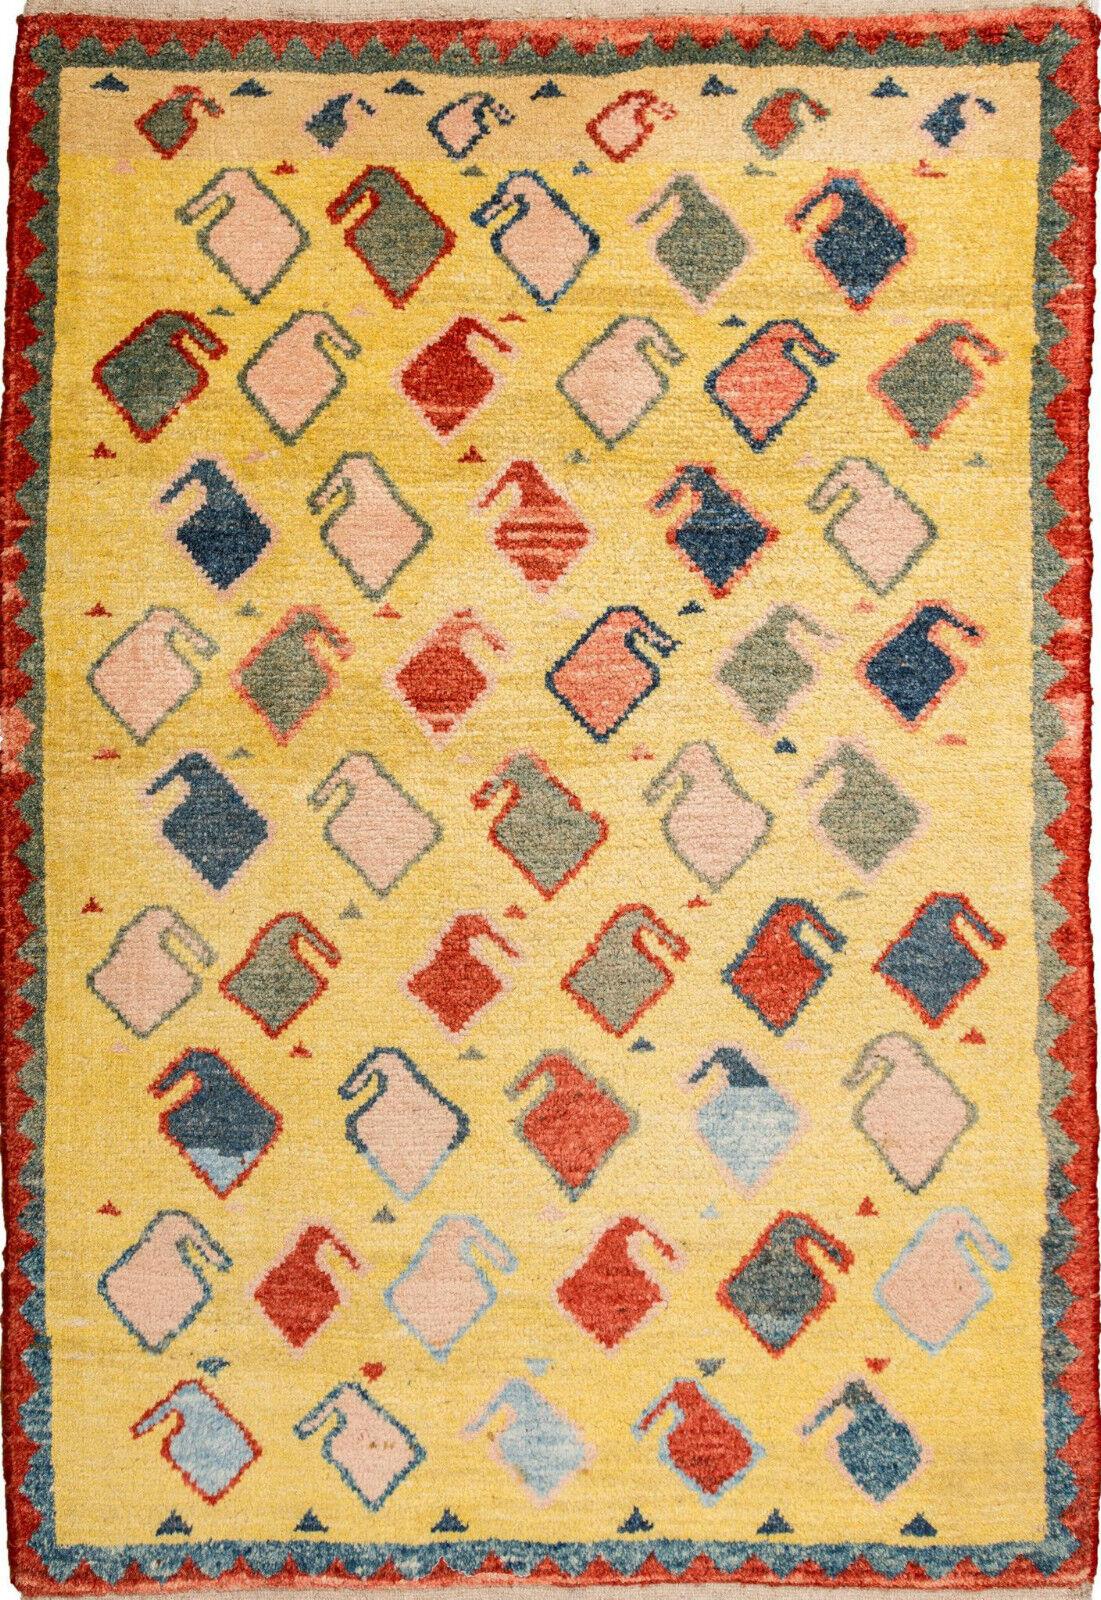 Gabbeh Tappeto Orientale Tappeto Rug Carpet parte di Tapis tapijt Tappeto Alfombra Boteh RAR